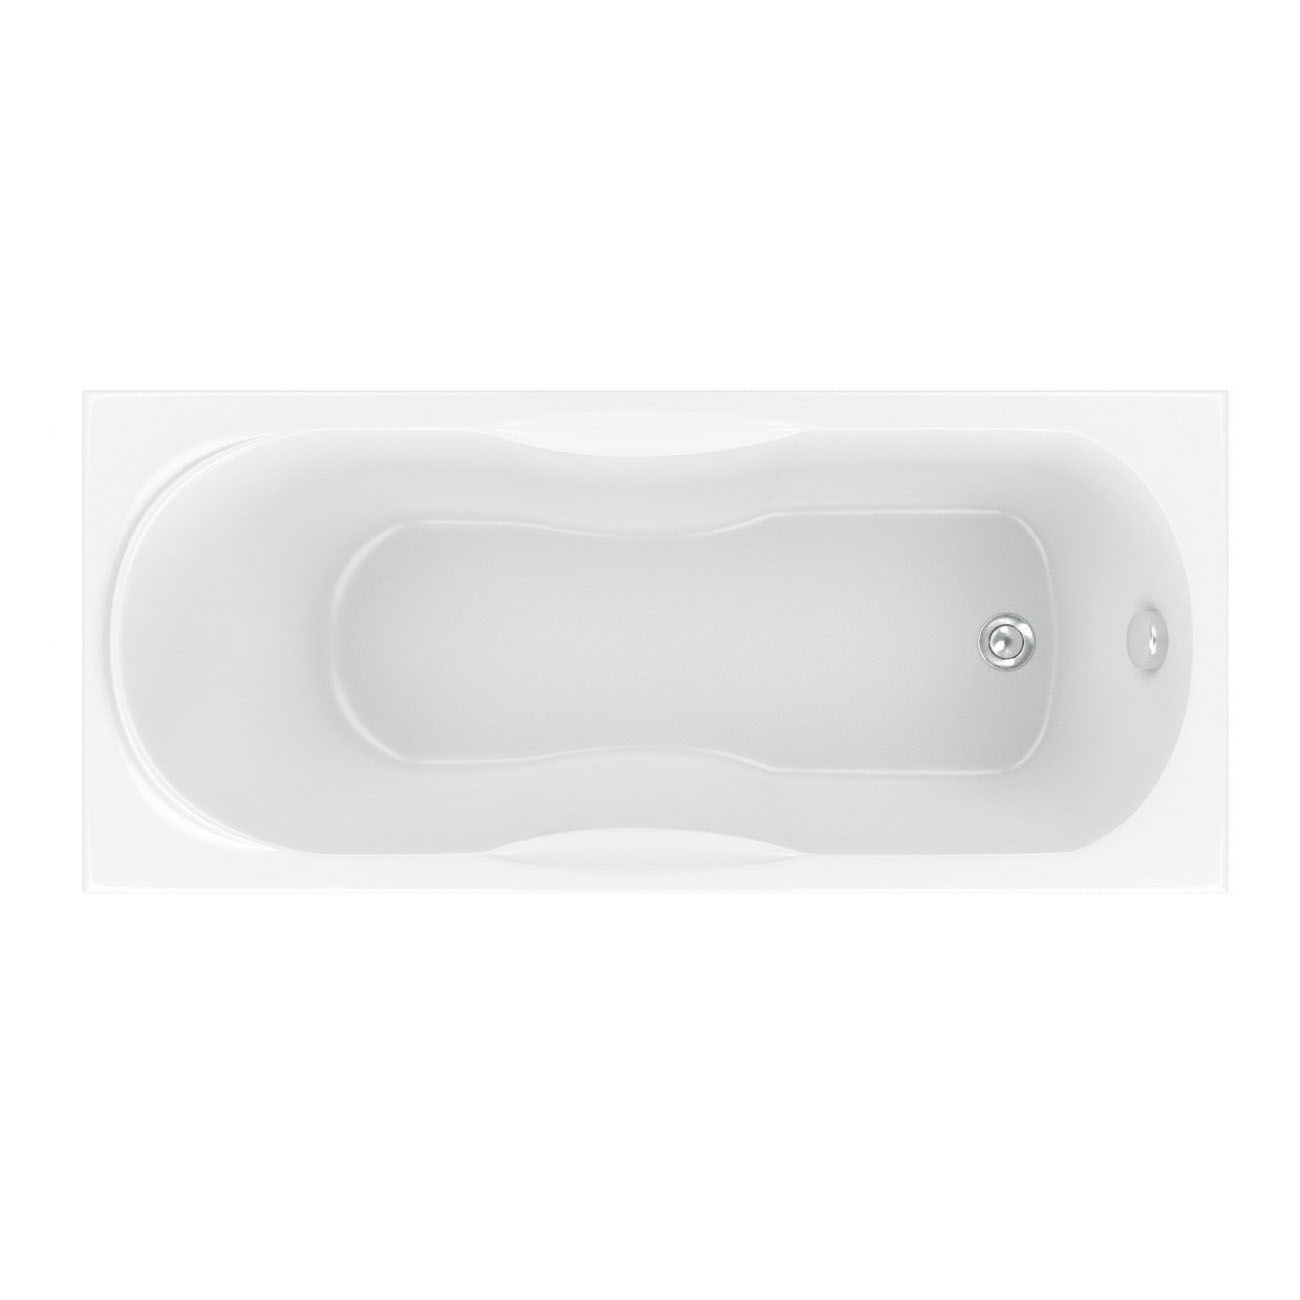 Акриловая ванна Bas Рио 170х70 без гидромассажа акриловая ванна am pm like 170х70